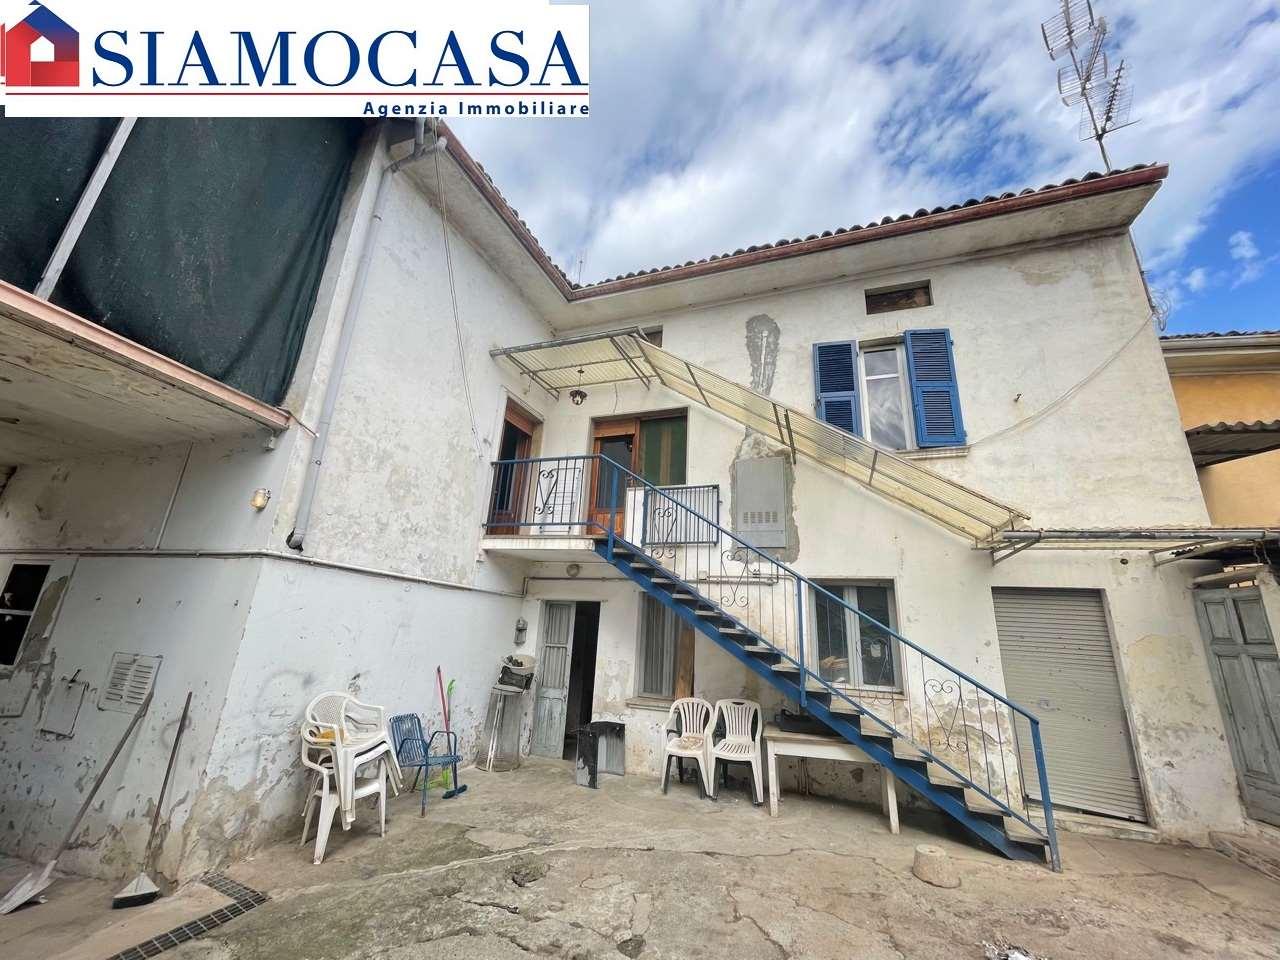 Soluzione Indipendente in vendita a Solero, 5 locali, prezzo € 38.000 | CambioCasa.it